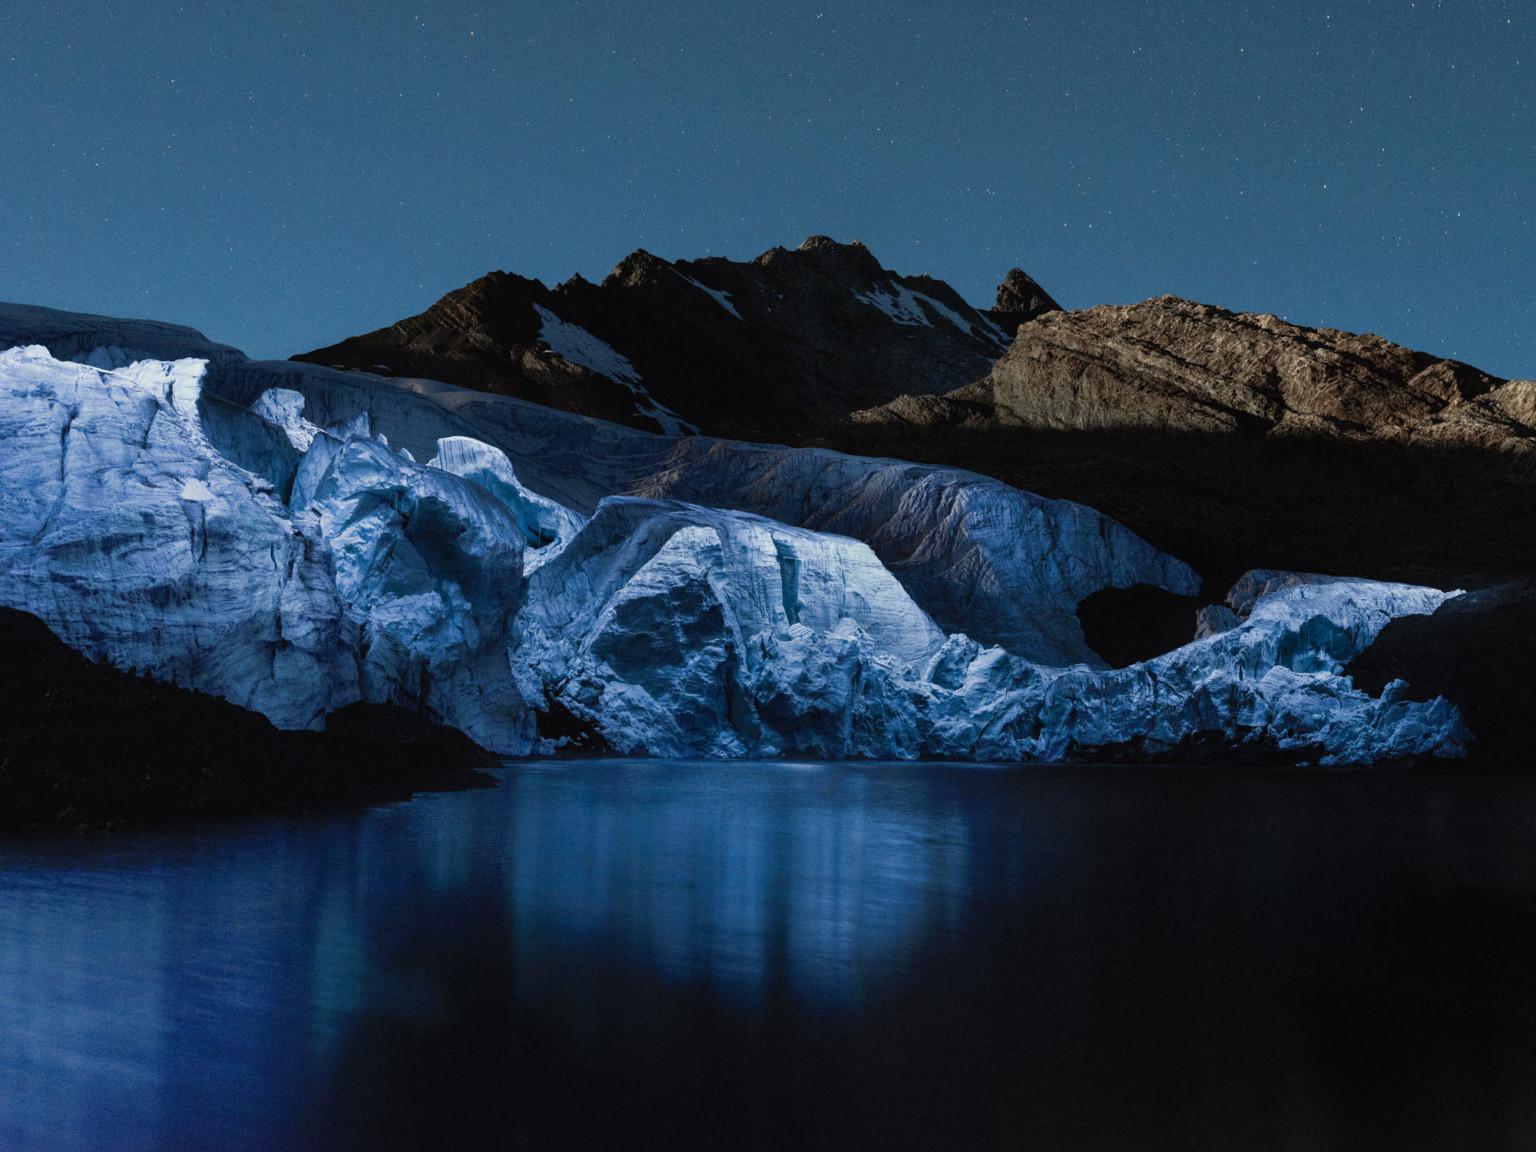 Чарующая красота исчезающих ледников, освещённых дронами